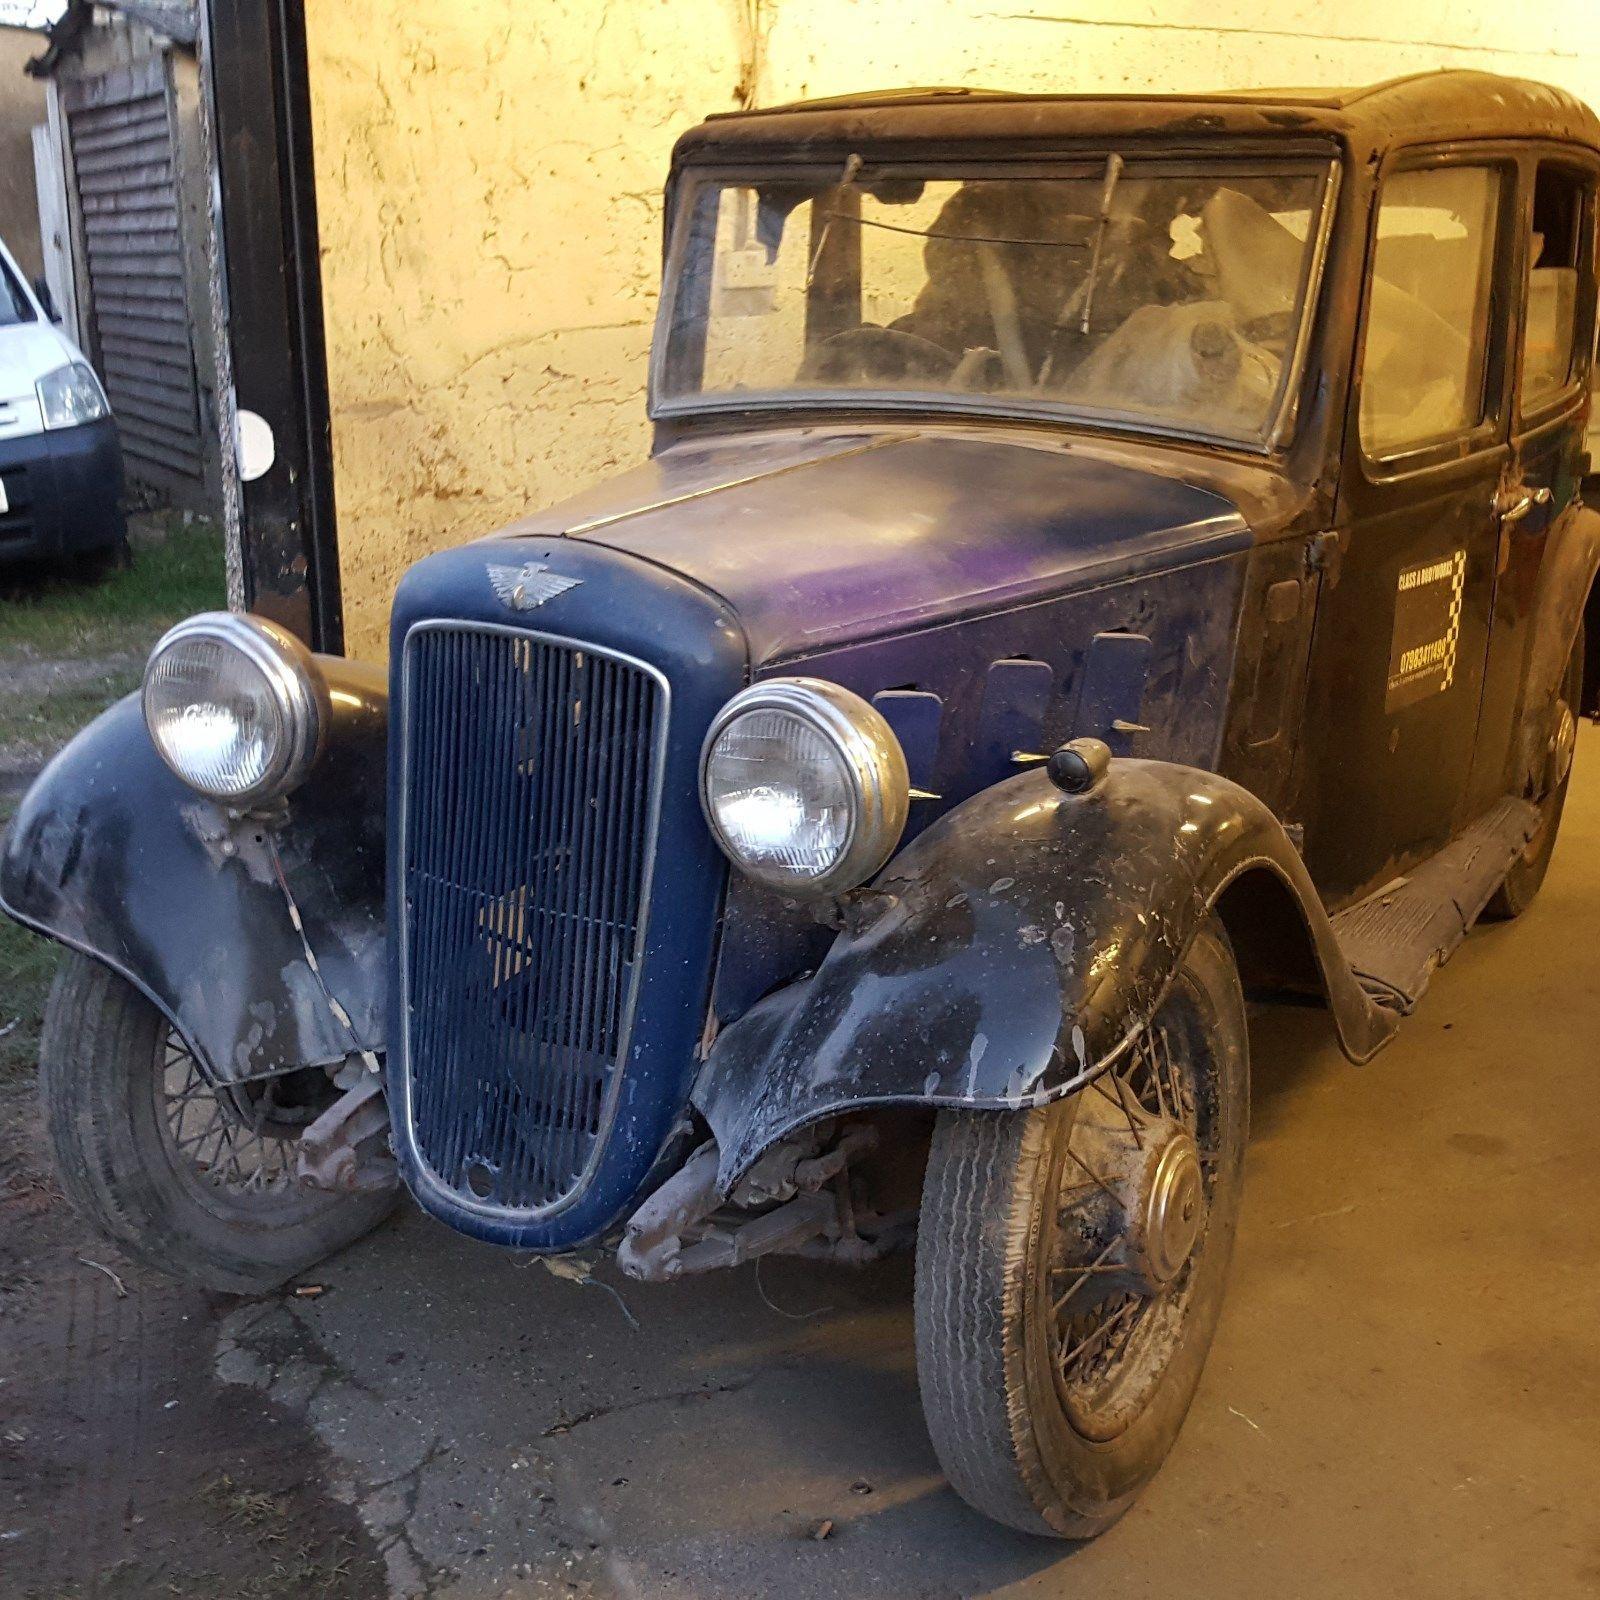 1935 austin 10 lichfeild, barnfind condition, unrestored ...